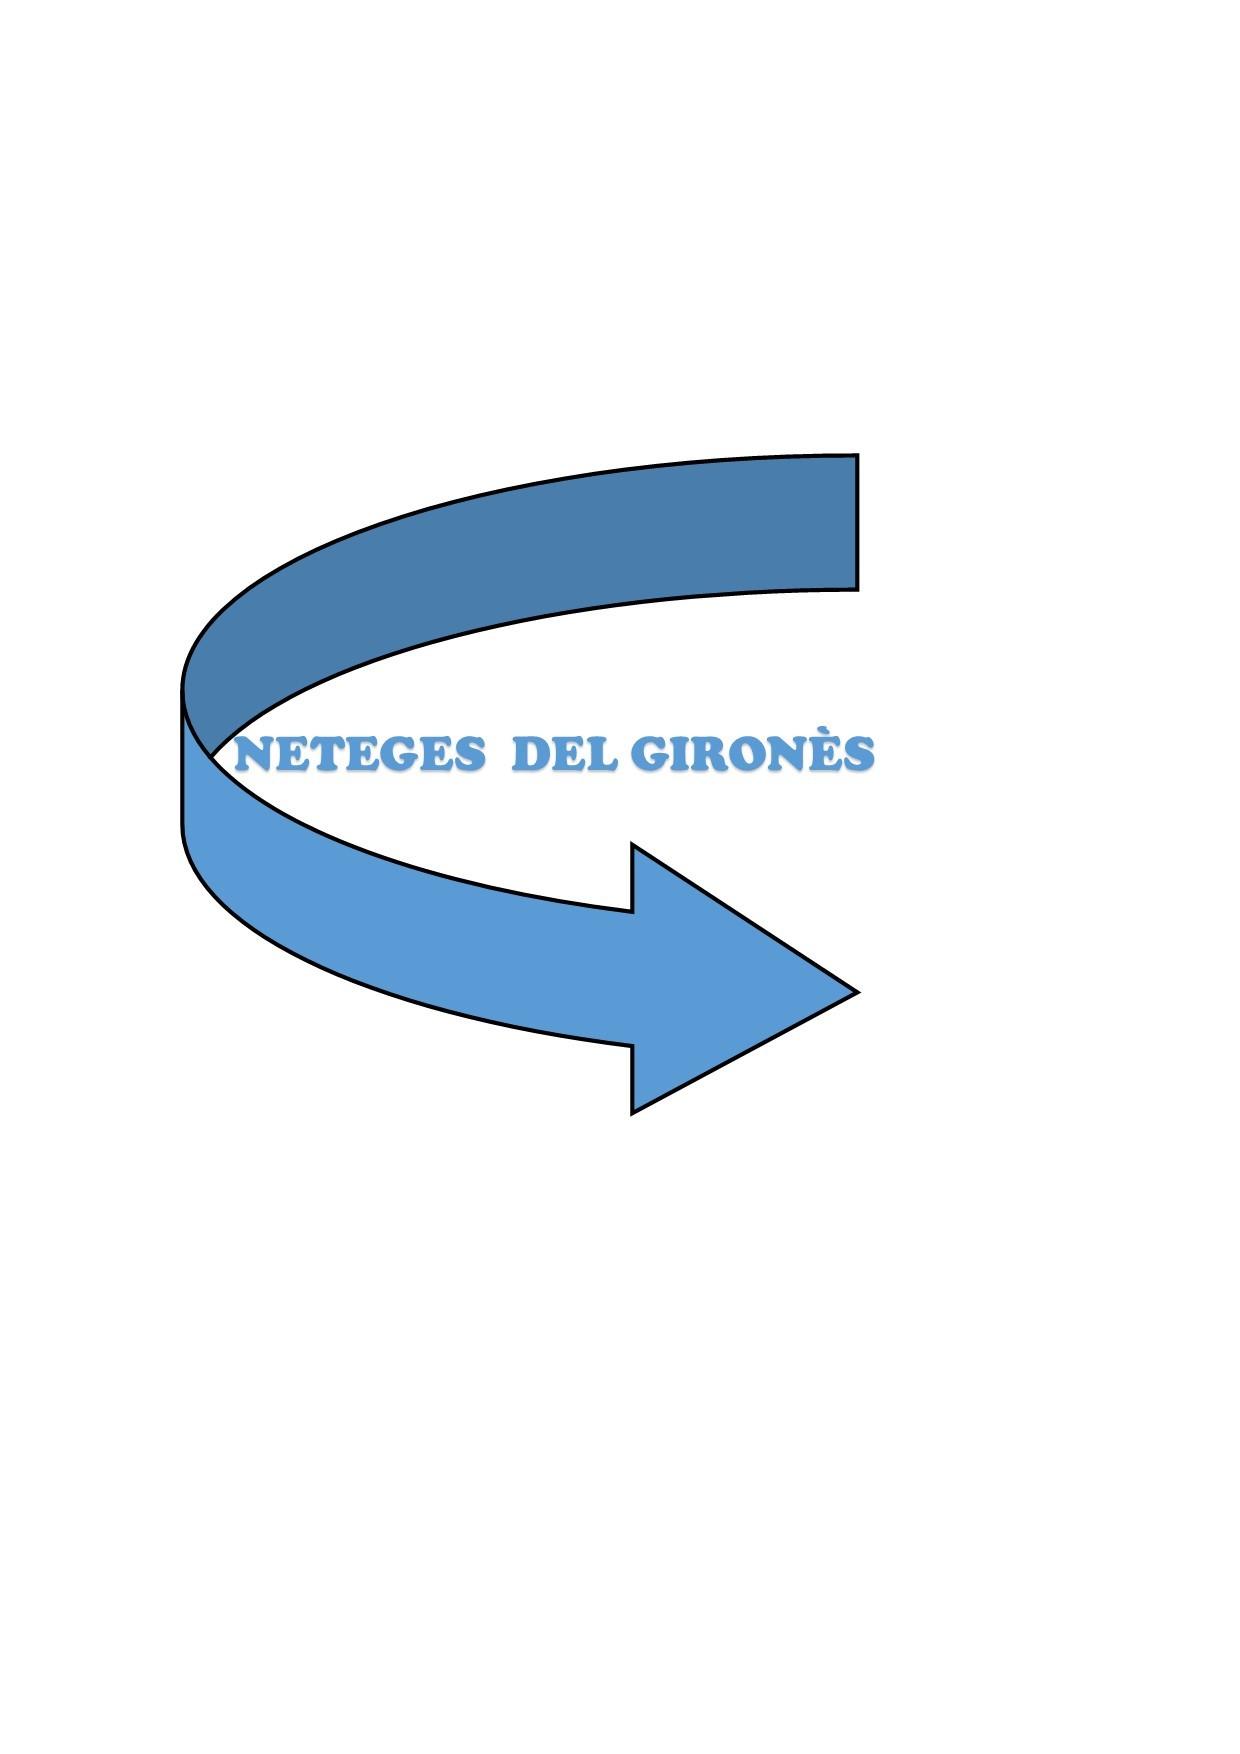 NETEGES DEL GIRONÈS